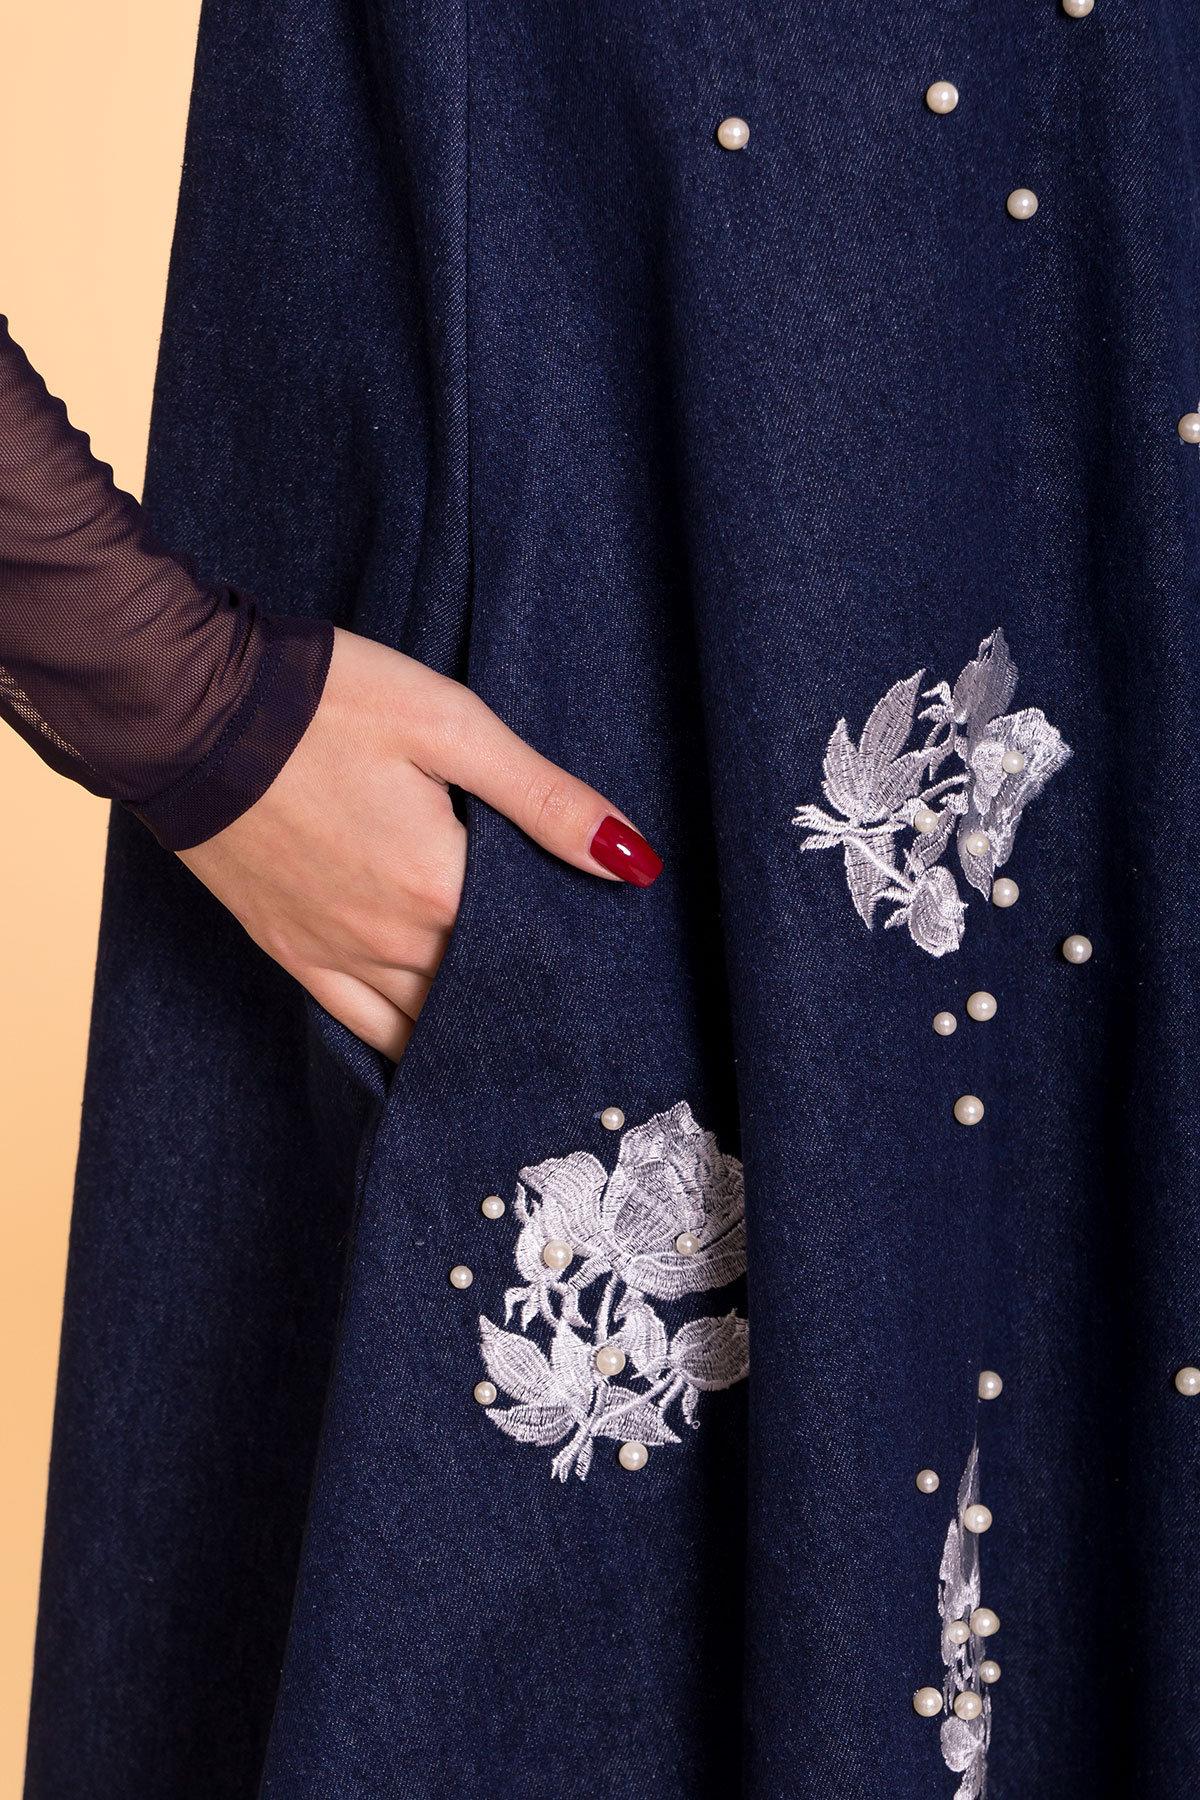 Платье Индира 3404 АРТ. 17362 Цвет: Темный джинс - фото 4, интернет магазин tm-modus.ru